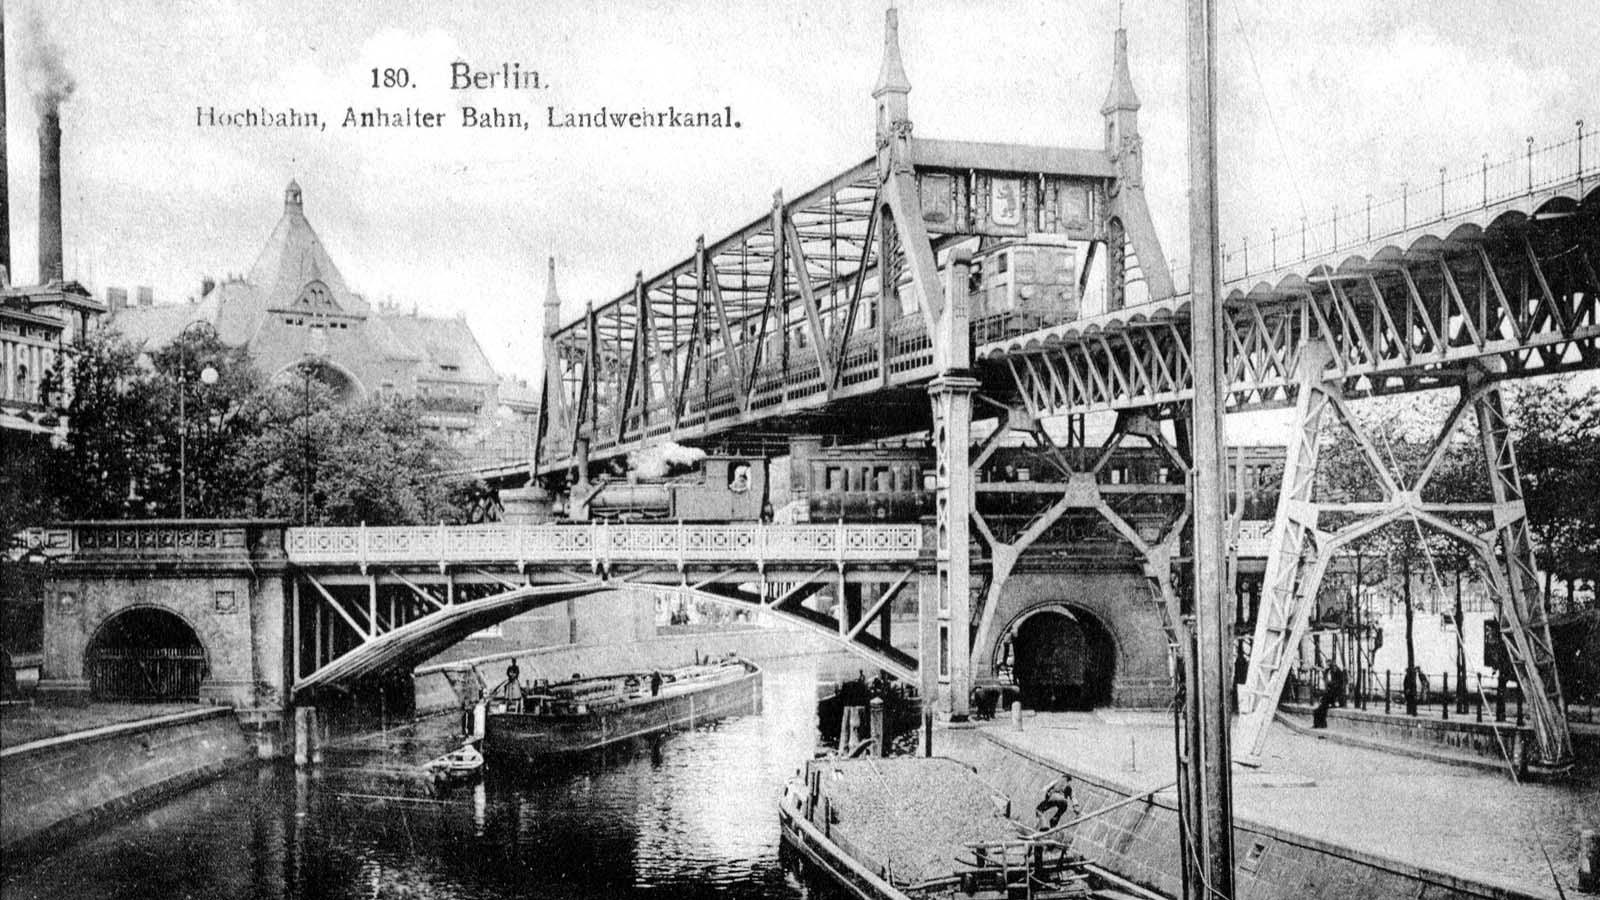 Berlin_Bruecke_Landwehrkanal_Hoch_und_Anhalter_Bahn.jpg